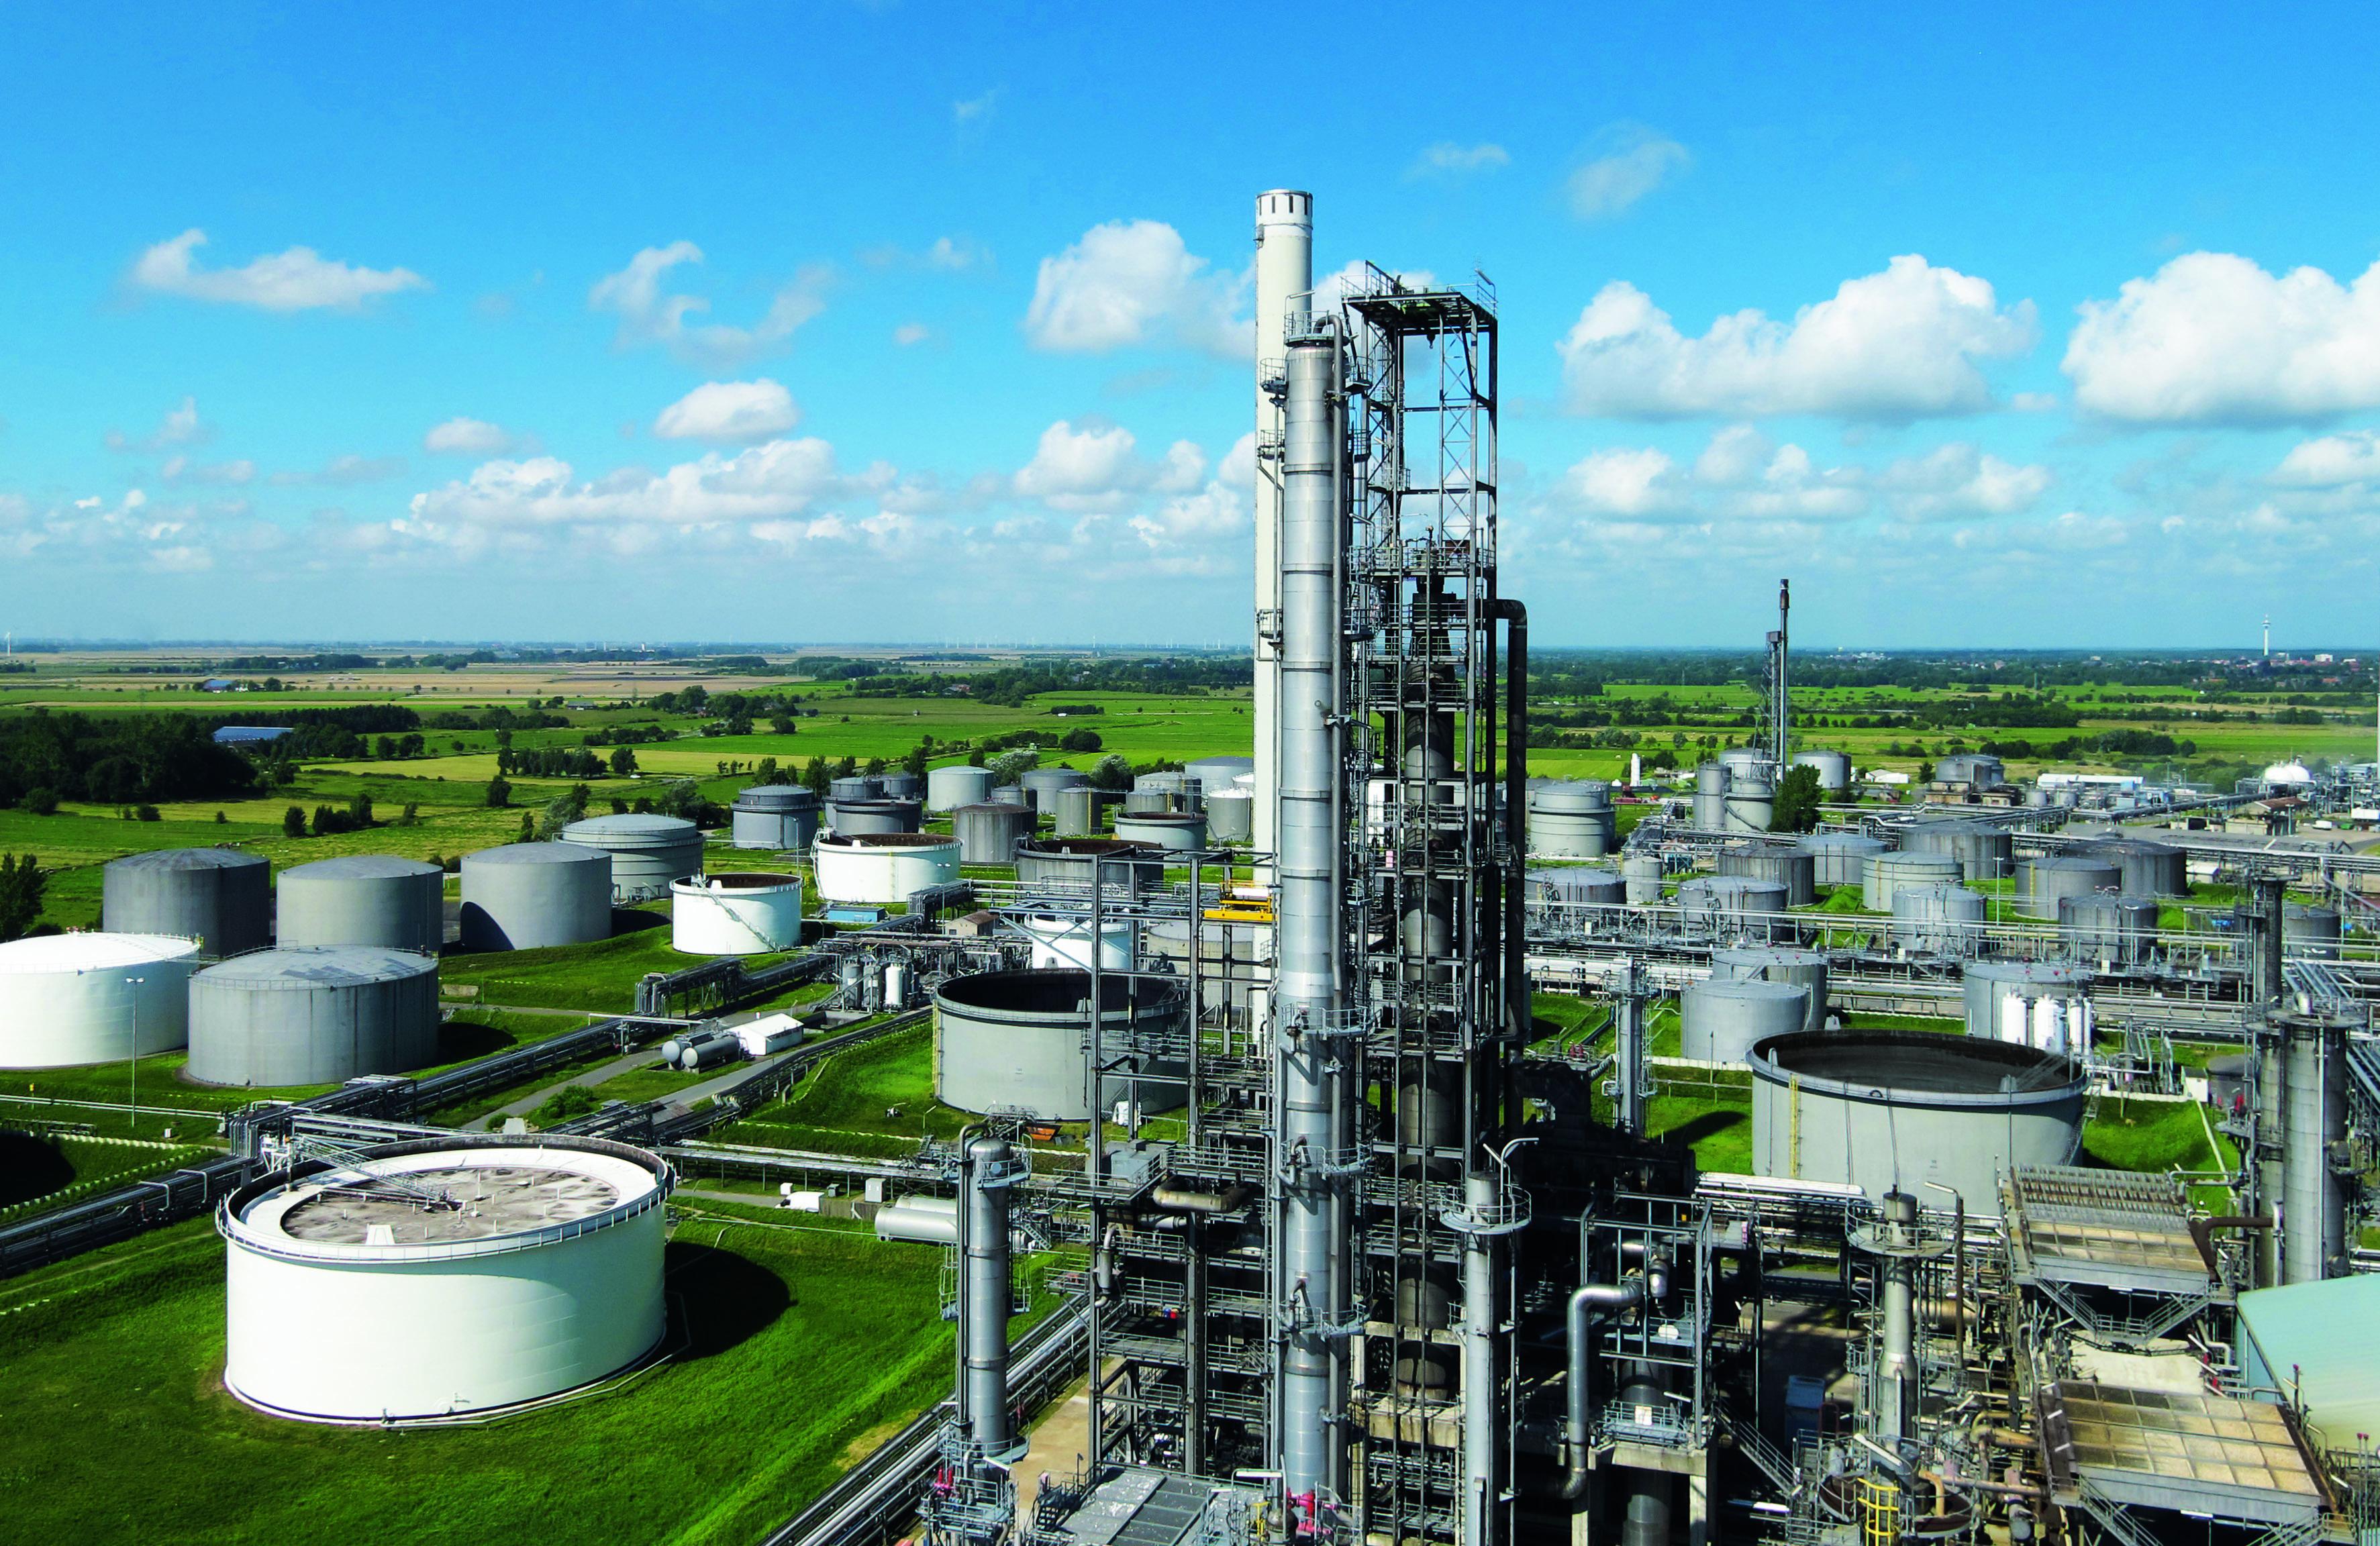 Raffinerie Heide (Bild: Raffinerie Heide)